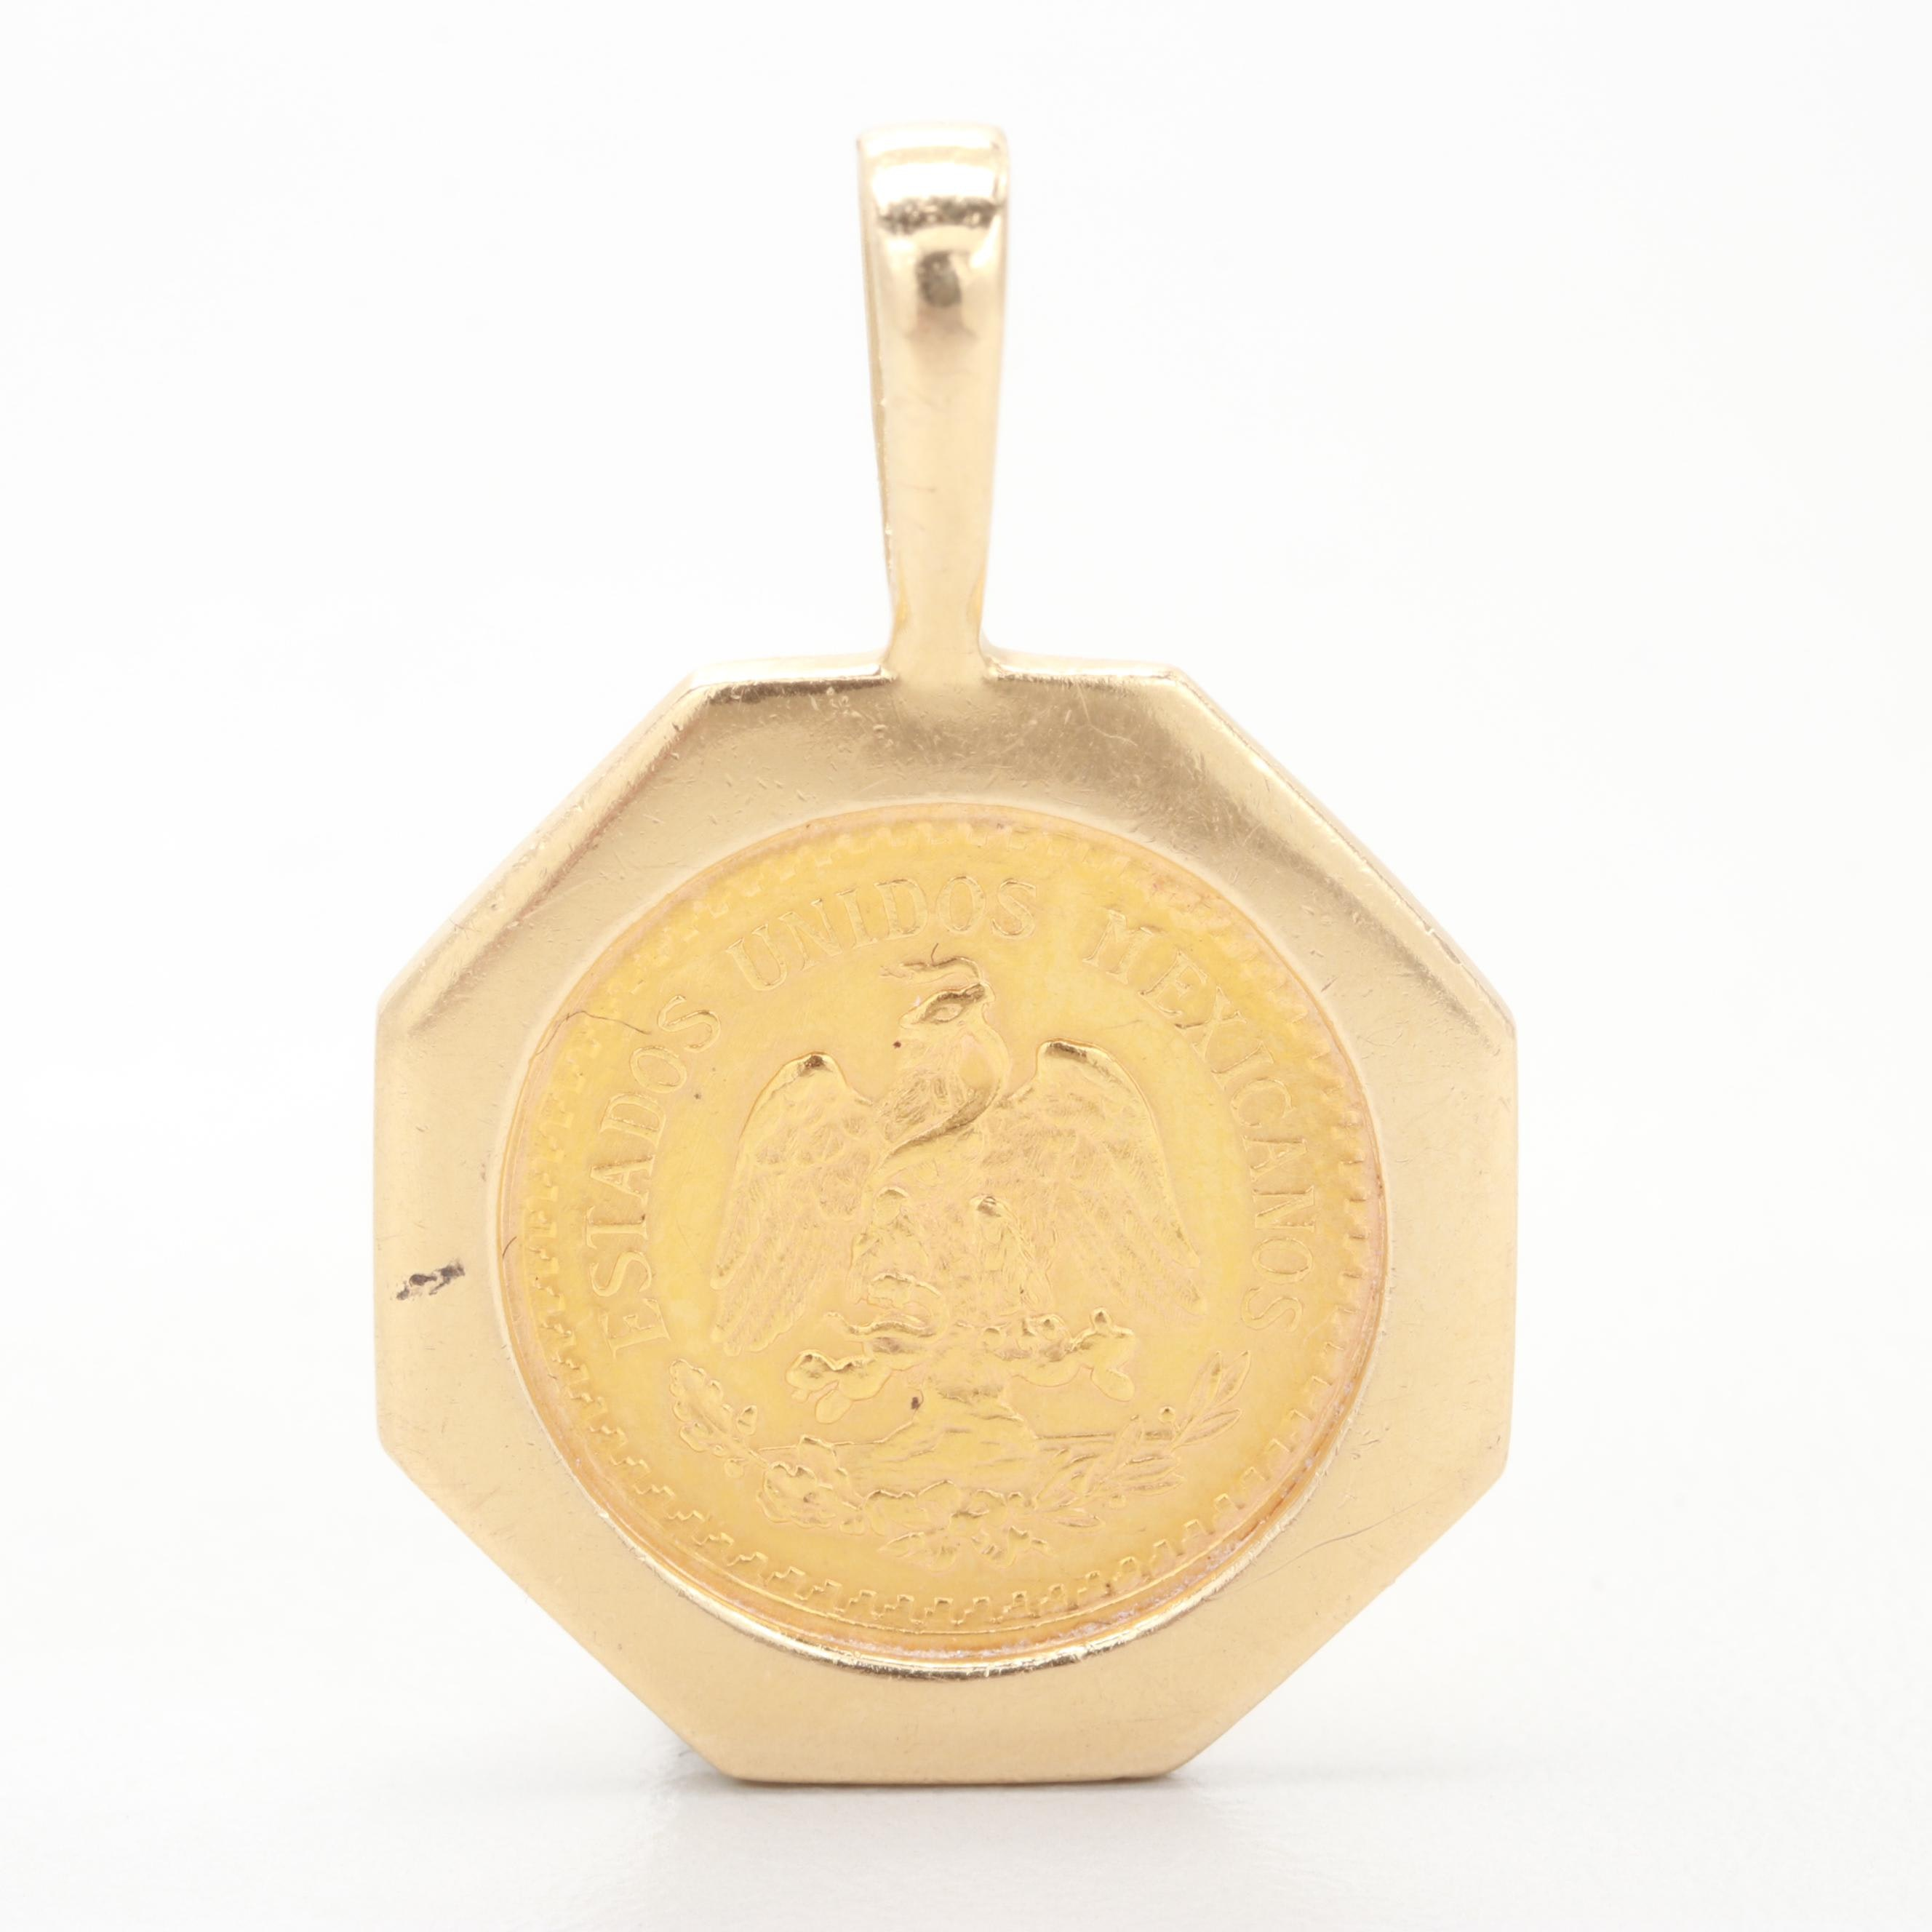 14K Yellow Gold Pendant with 1945 Mexican Dos Y Medios Pesos Gold Coin